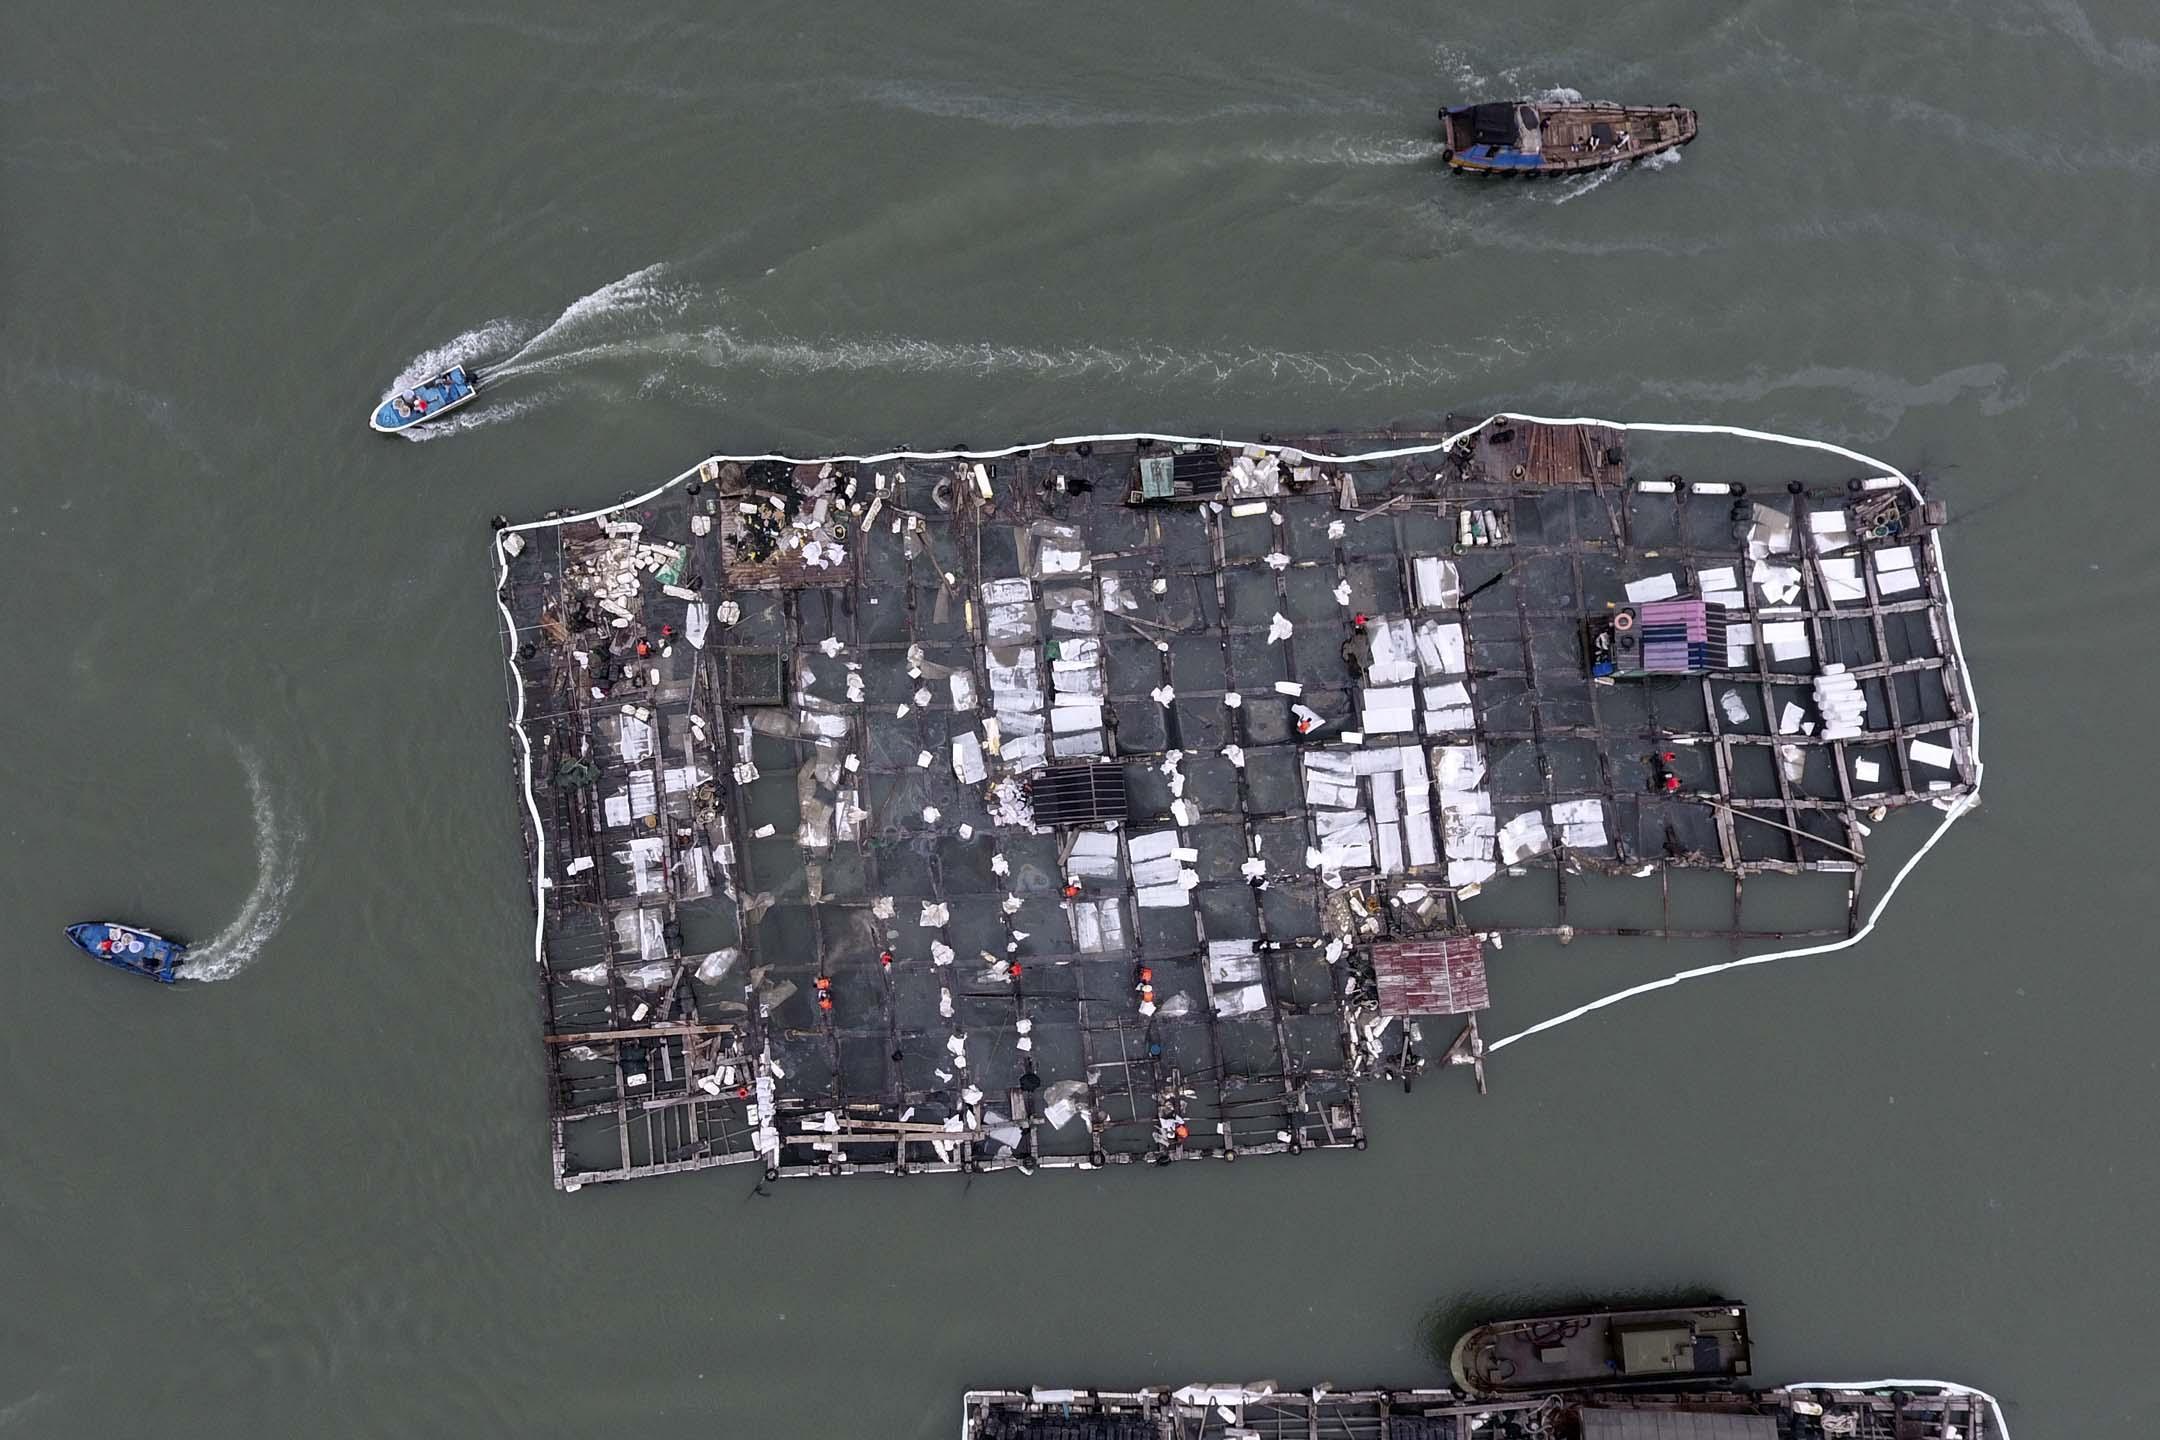 2018年11月9日,福建泉州碳九泄漏影響近海,安全生產責任事故引發環境汙染。漁排養殖區內漁排的清汙、加固等工作還在進行中,在受損較嚴重的漁排區,現場工作人員正把網箱內的汙染物進行清理。 攝:Imagine China